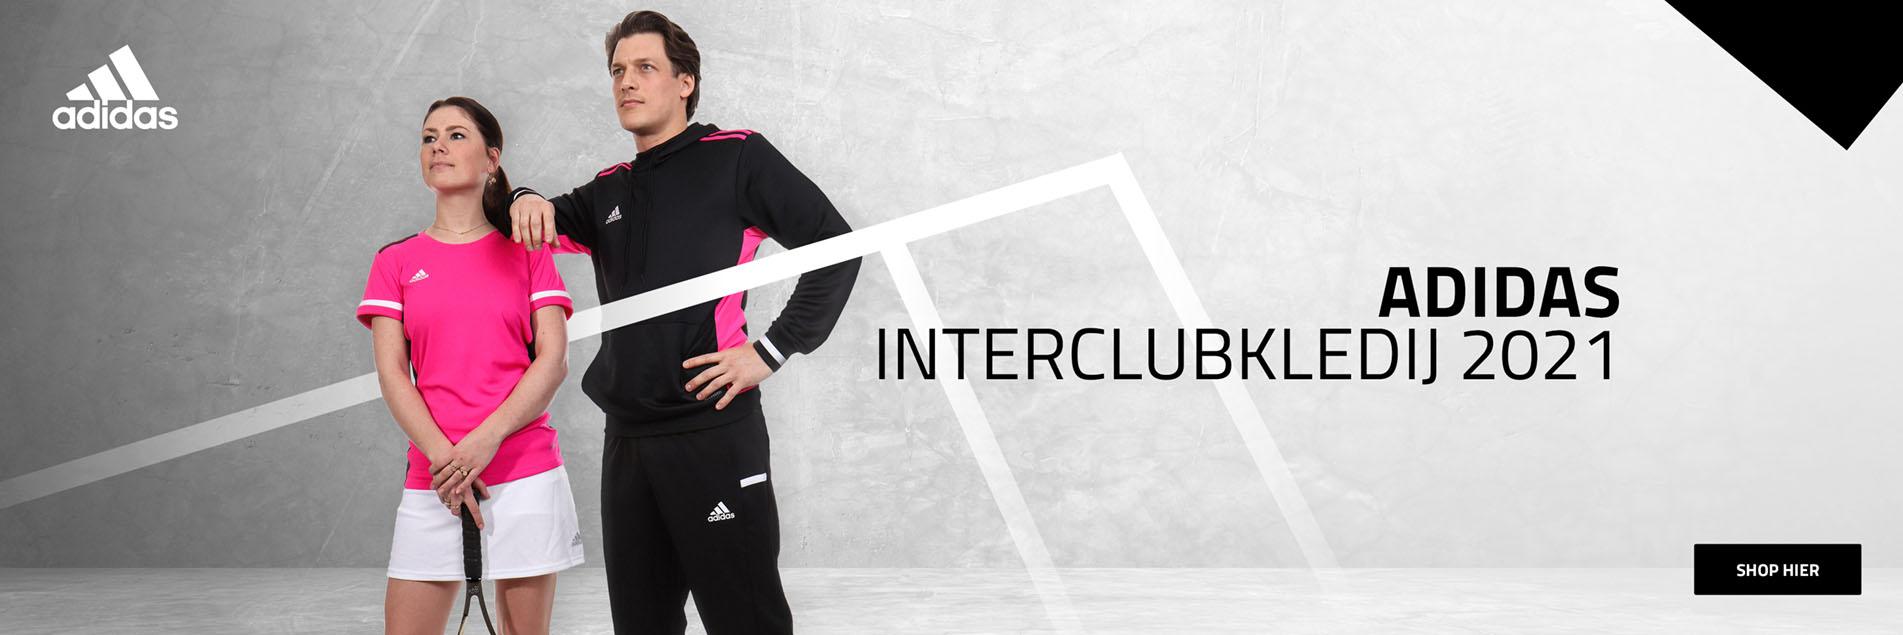 adidas Interclubkledij 2021